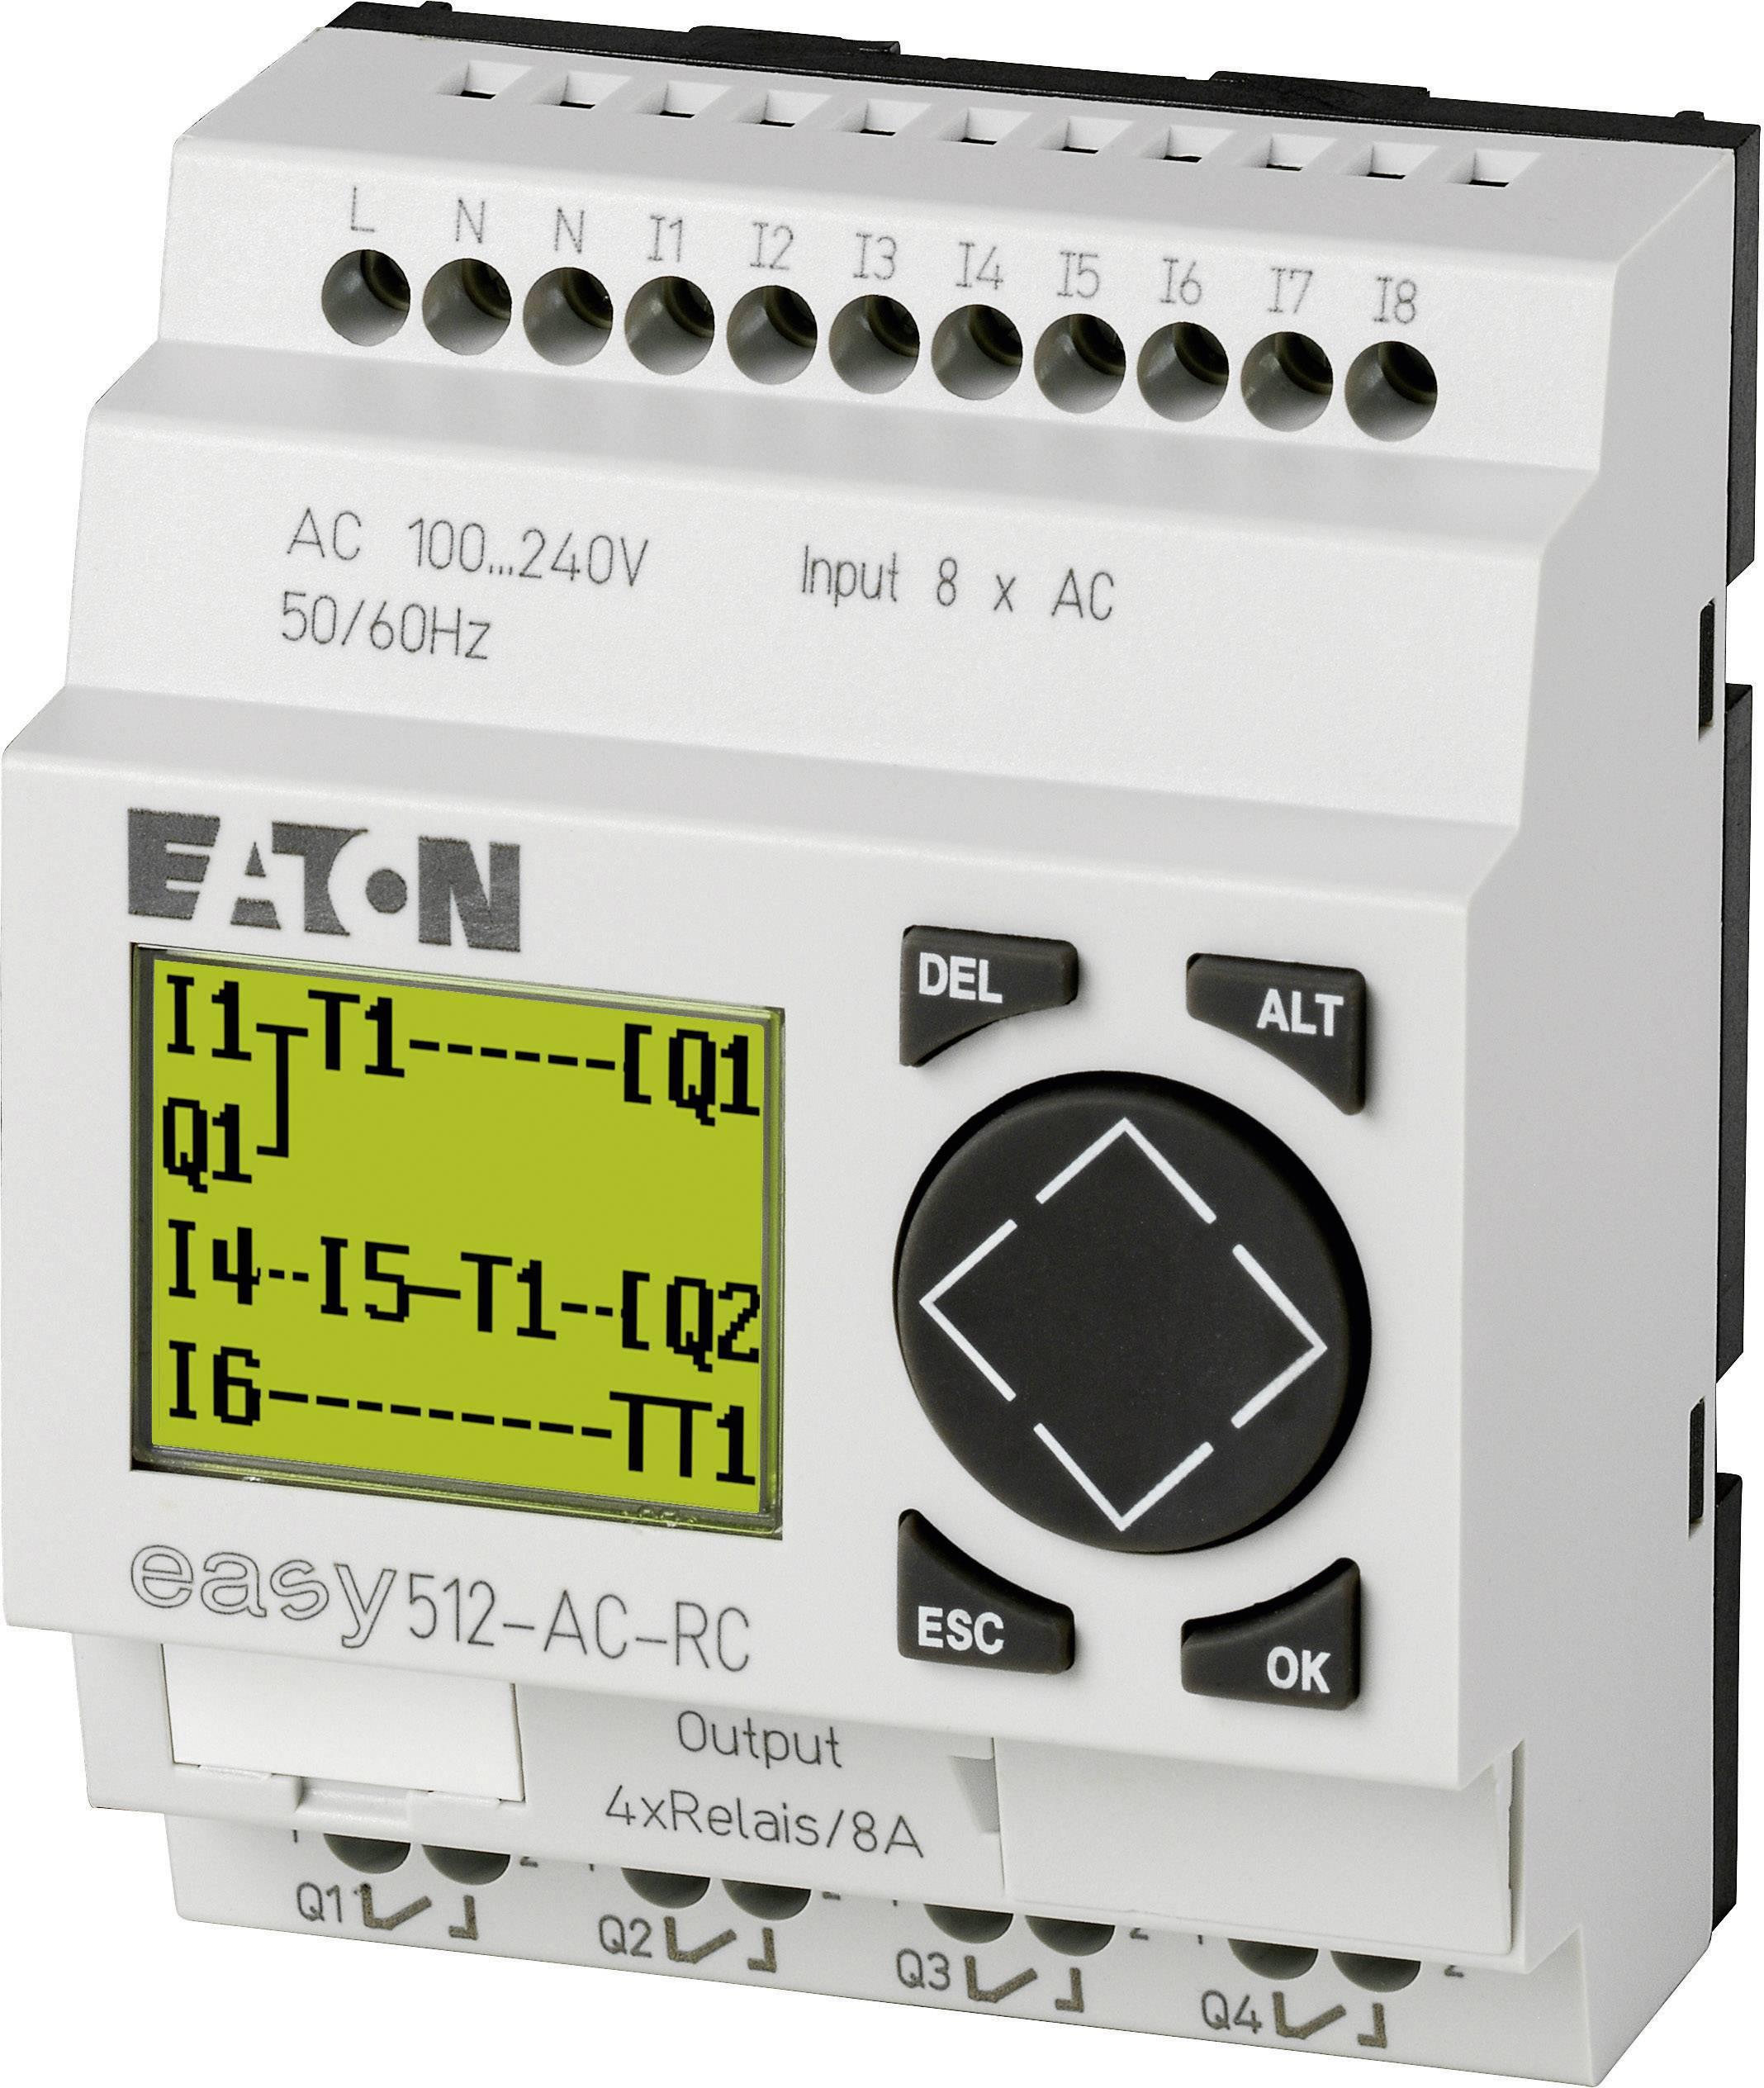 Riadiacimodul Eaton easy 512-AC-RC 274104, 115 V/AC, 230 V/AC